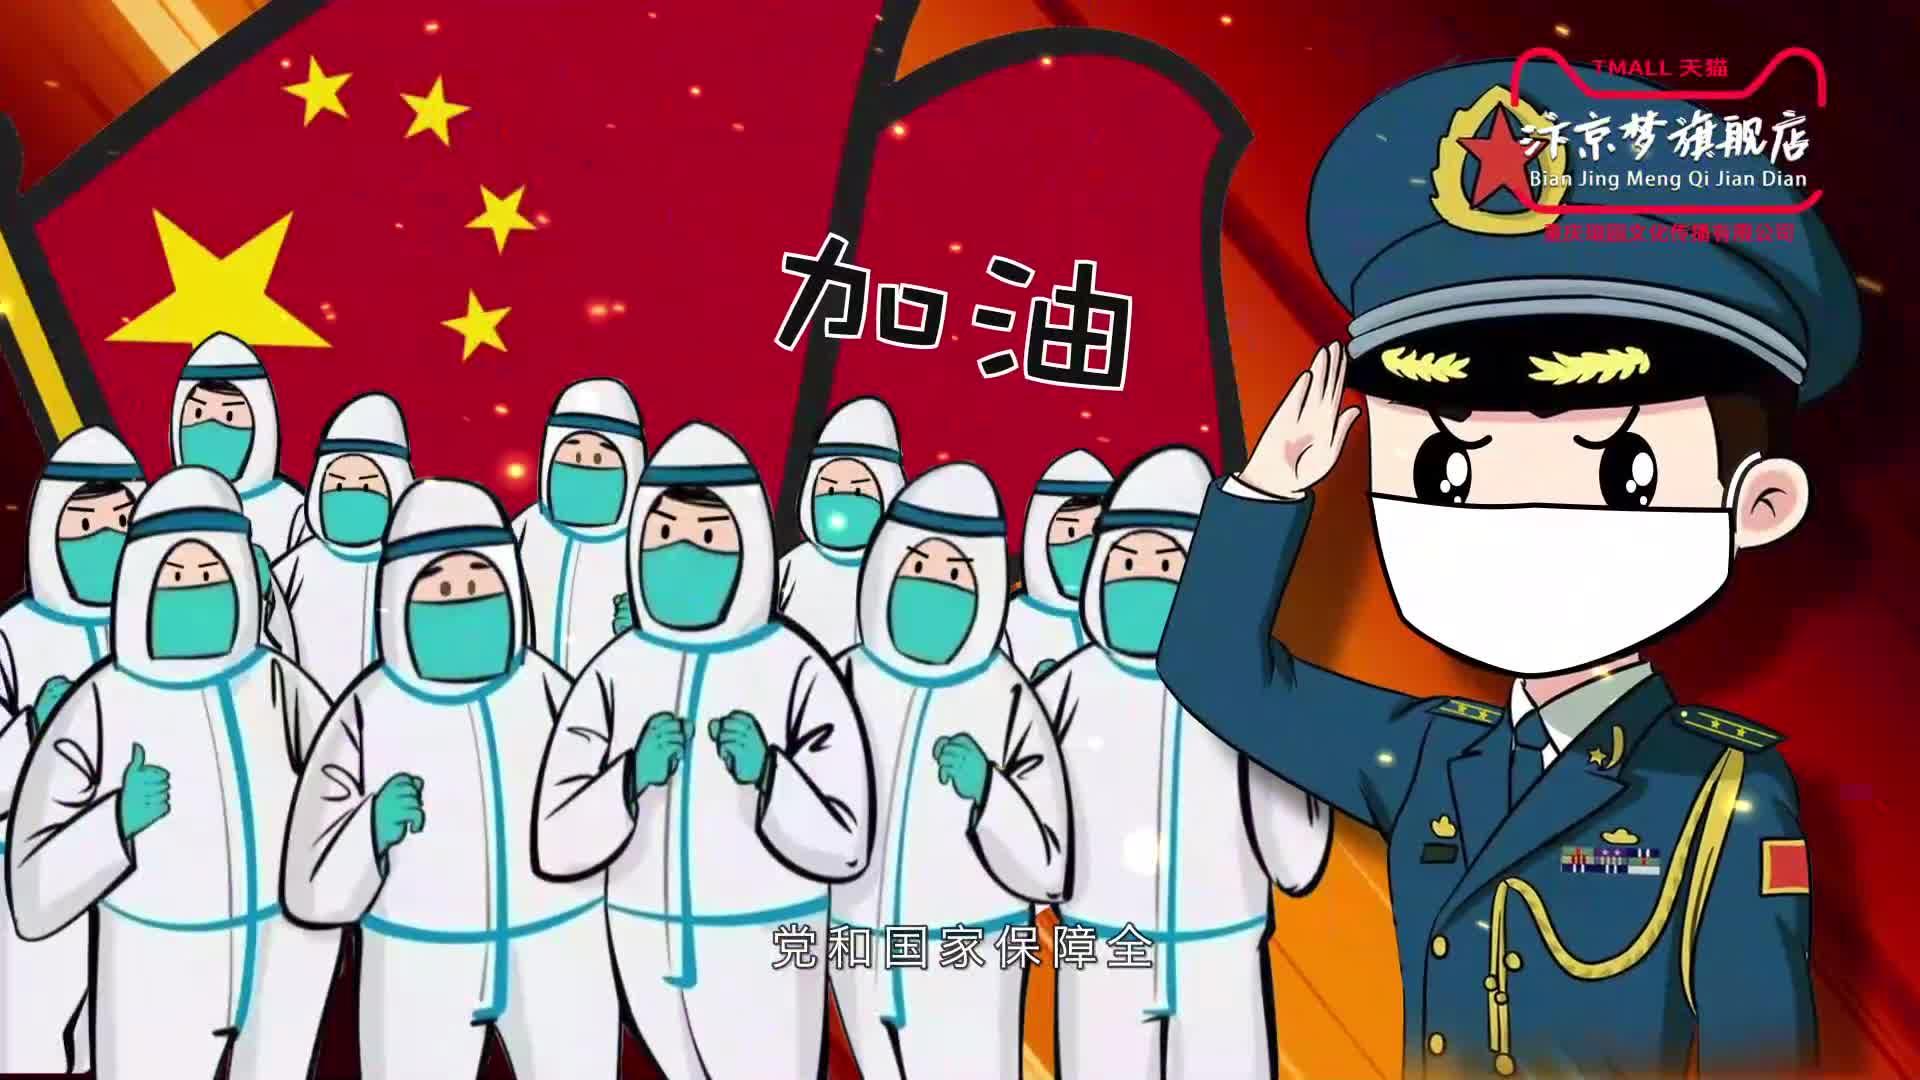 云南广电- 疫情防控宣传动画2